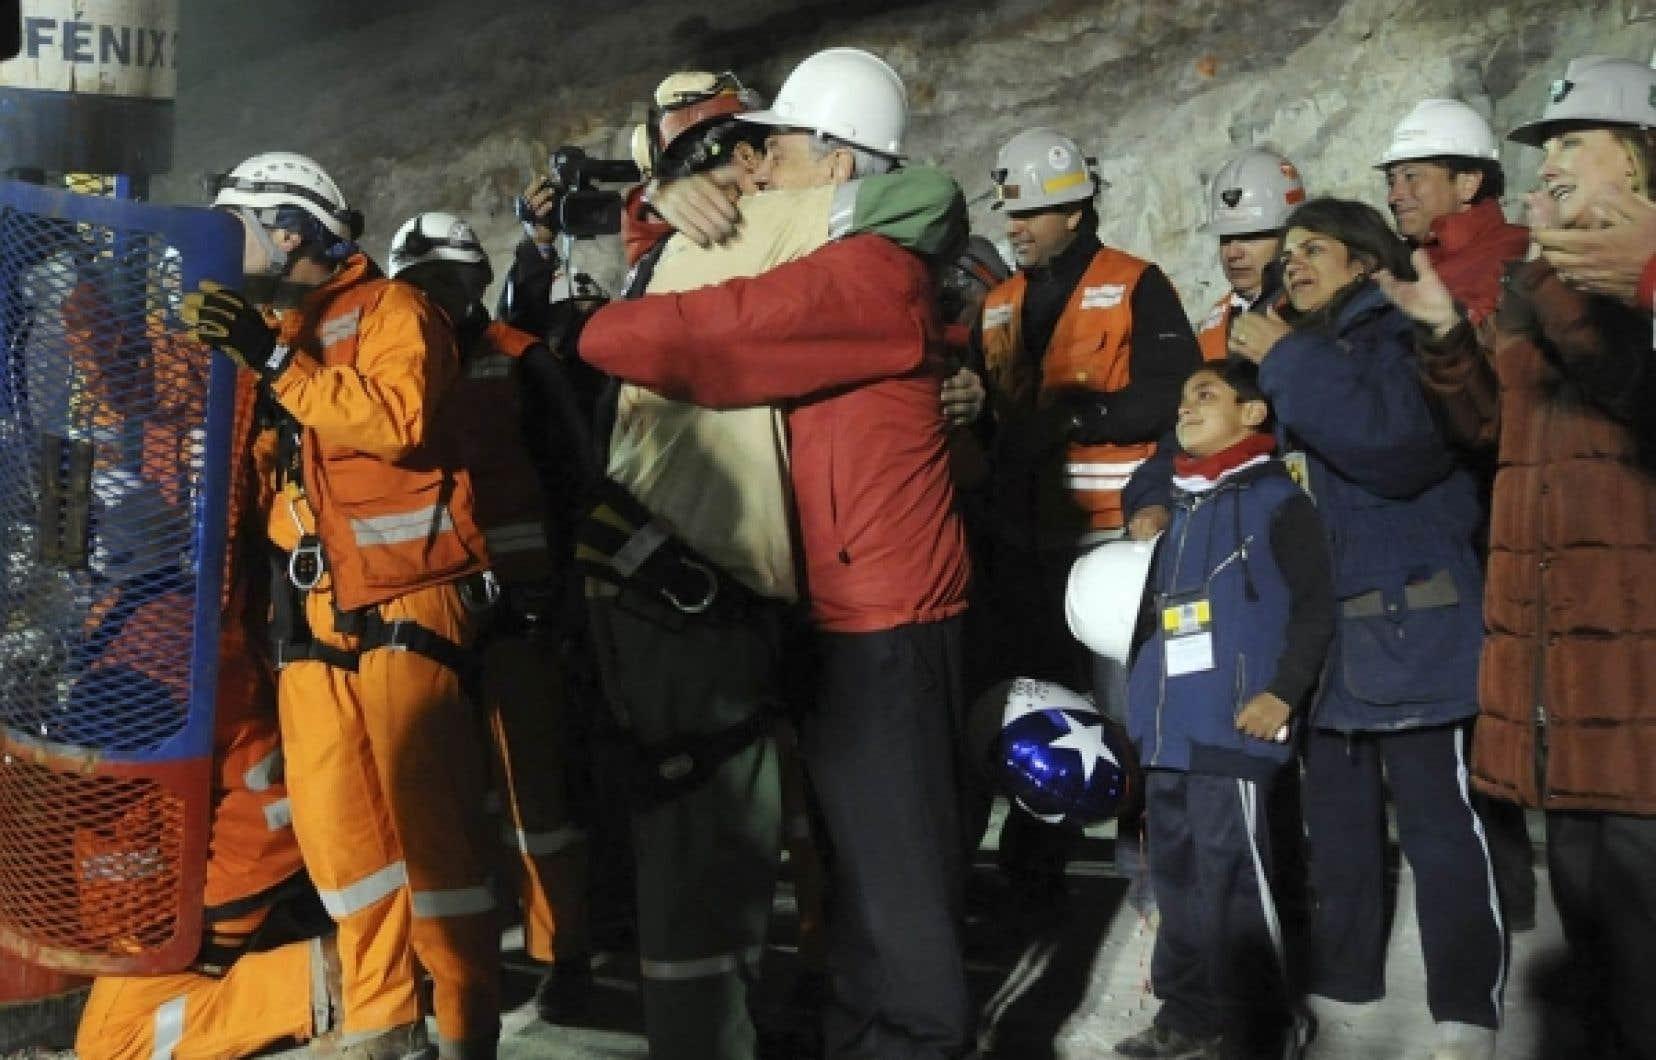 Florencio Avalos, le premier des 33 mineurs &agrave; sortir sain et sauf de la mine de San Jos&eacute;, re&ccedil;oit l&rsquo;accolade du pr&eacute;sident chilien, Sebasti&aacute;n Pi&ntilde;era.<br />